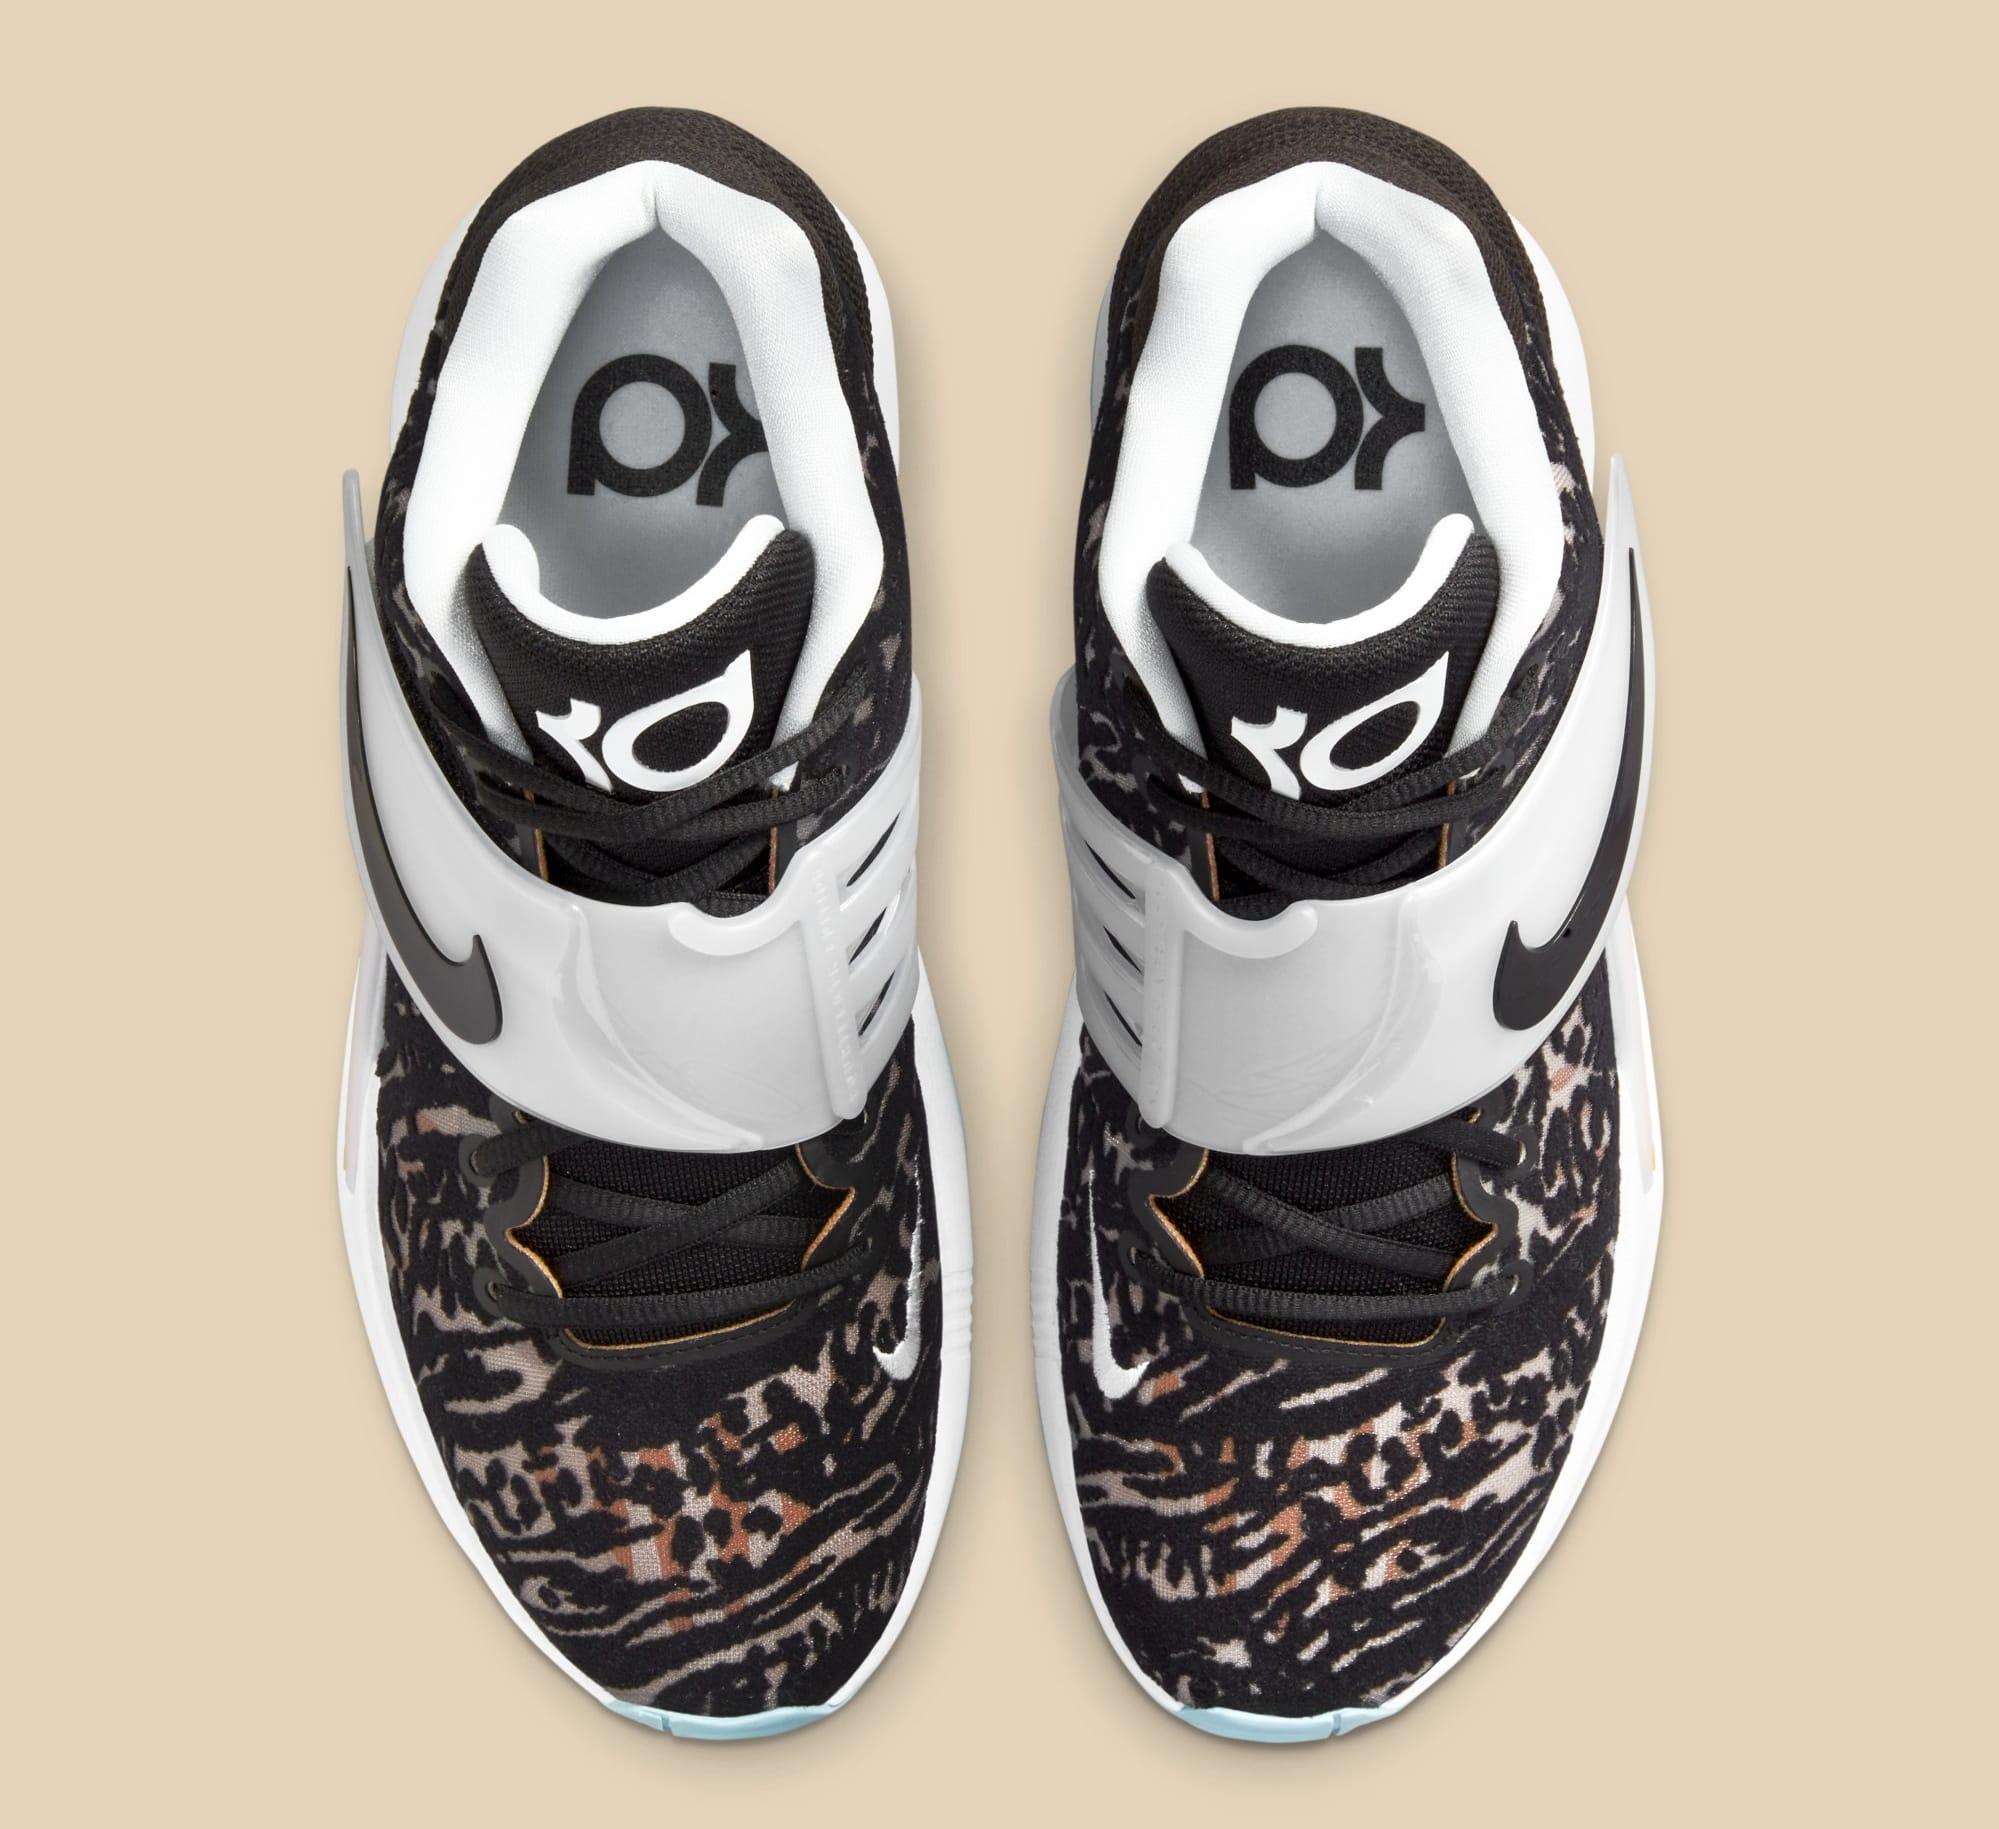 Nike KD 14 CW3935-001 (Top)